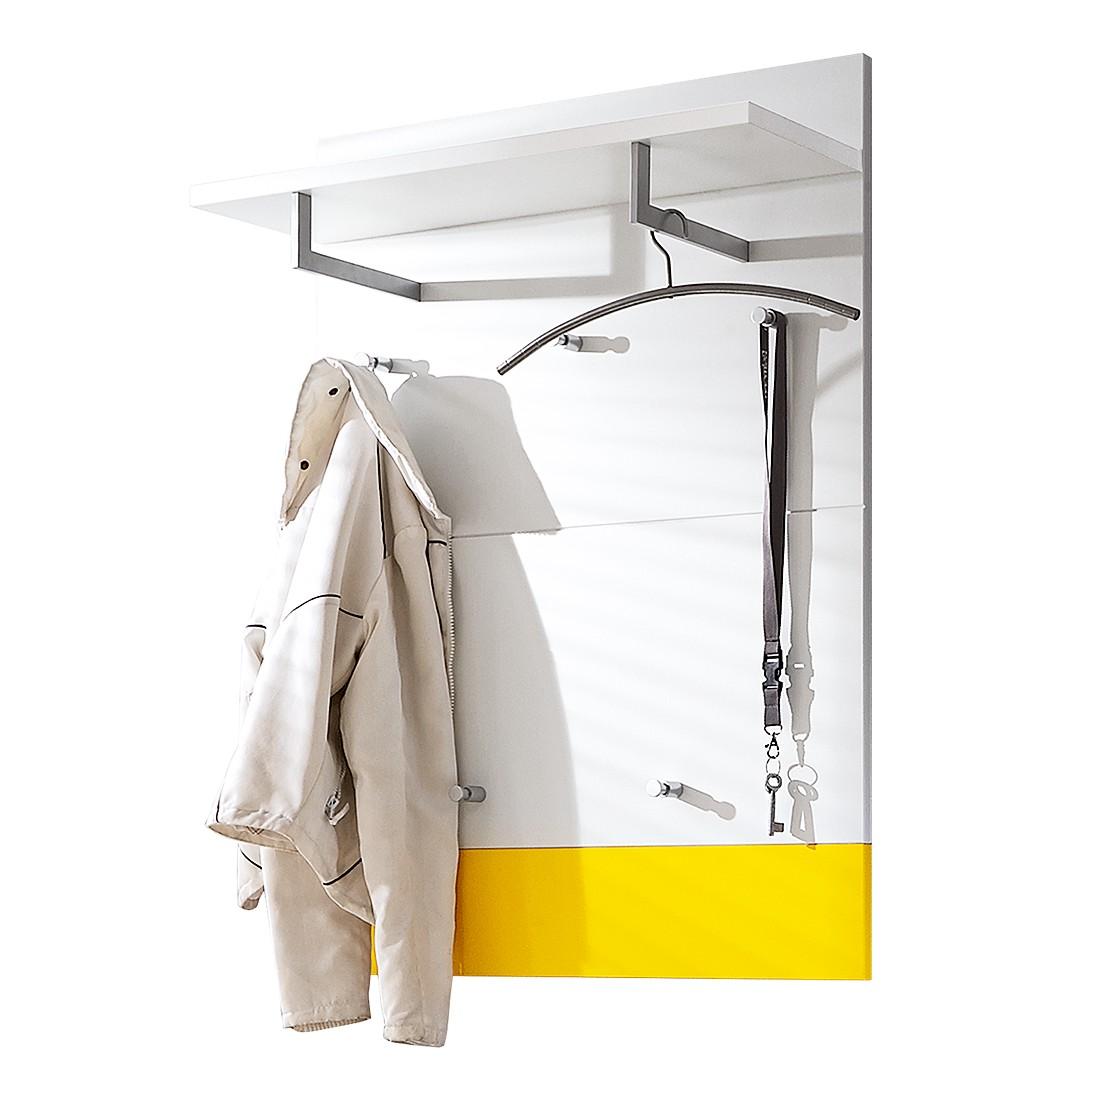 Garderobenpaneel Bolton I – Weiß/Sonnengelb, Voss günstig